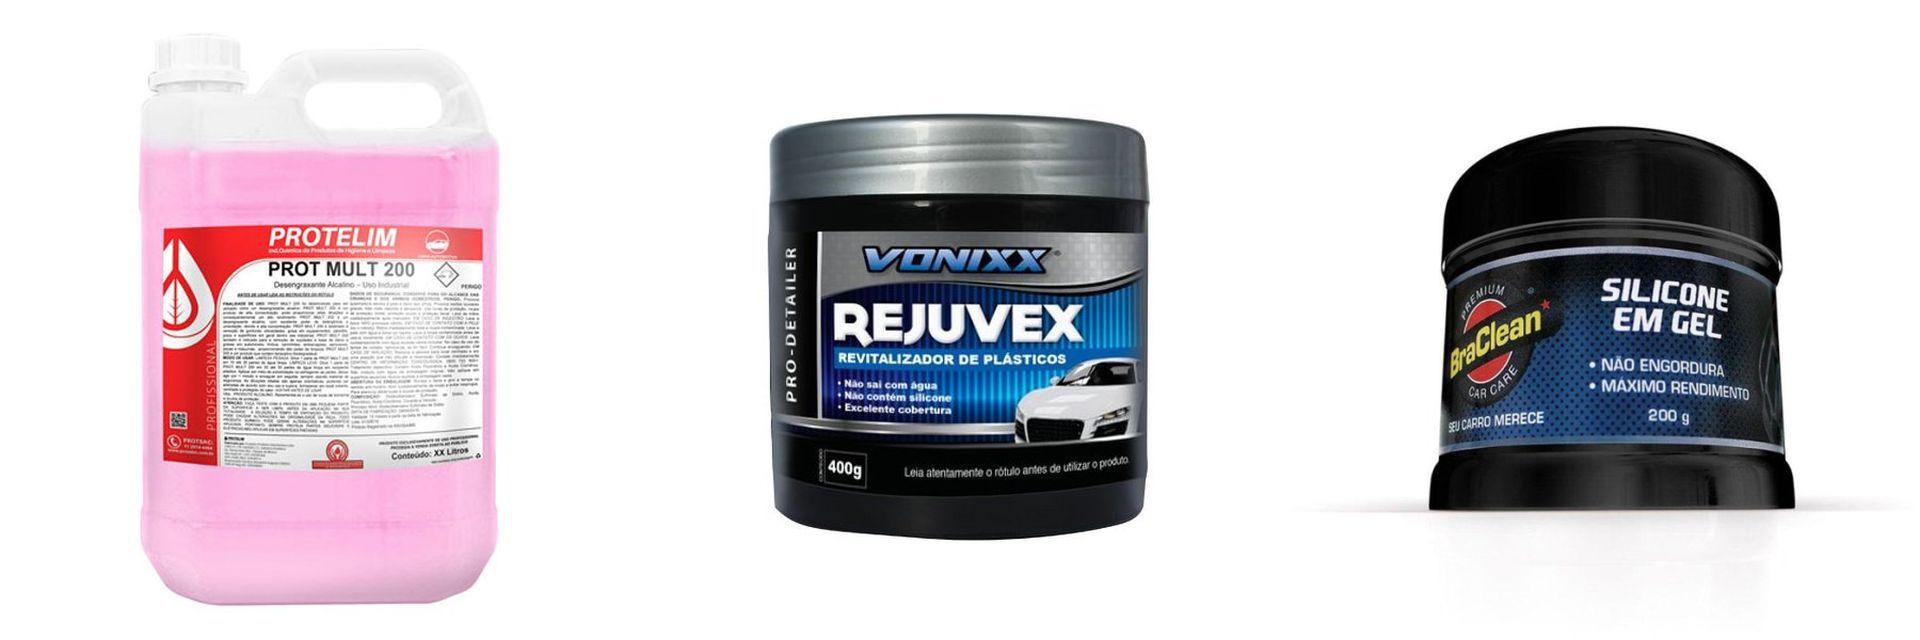 kit Rejuvex+ Prot Mult 200+ Silicone em Gel Premium Car